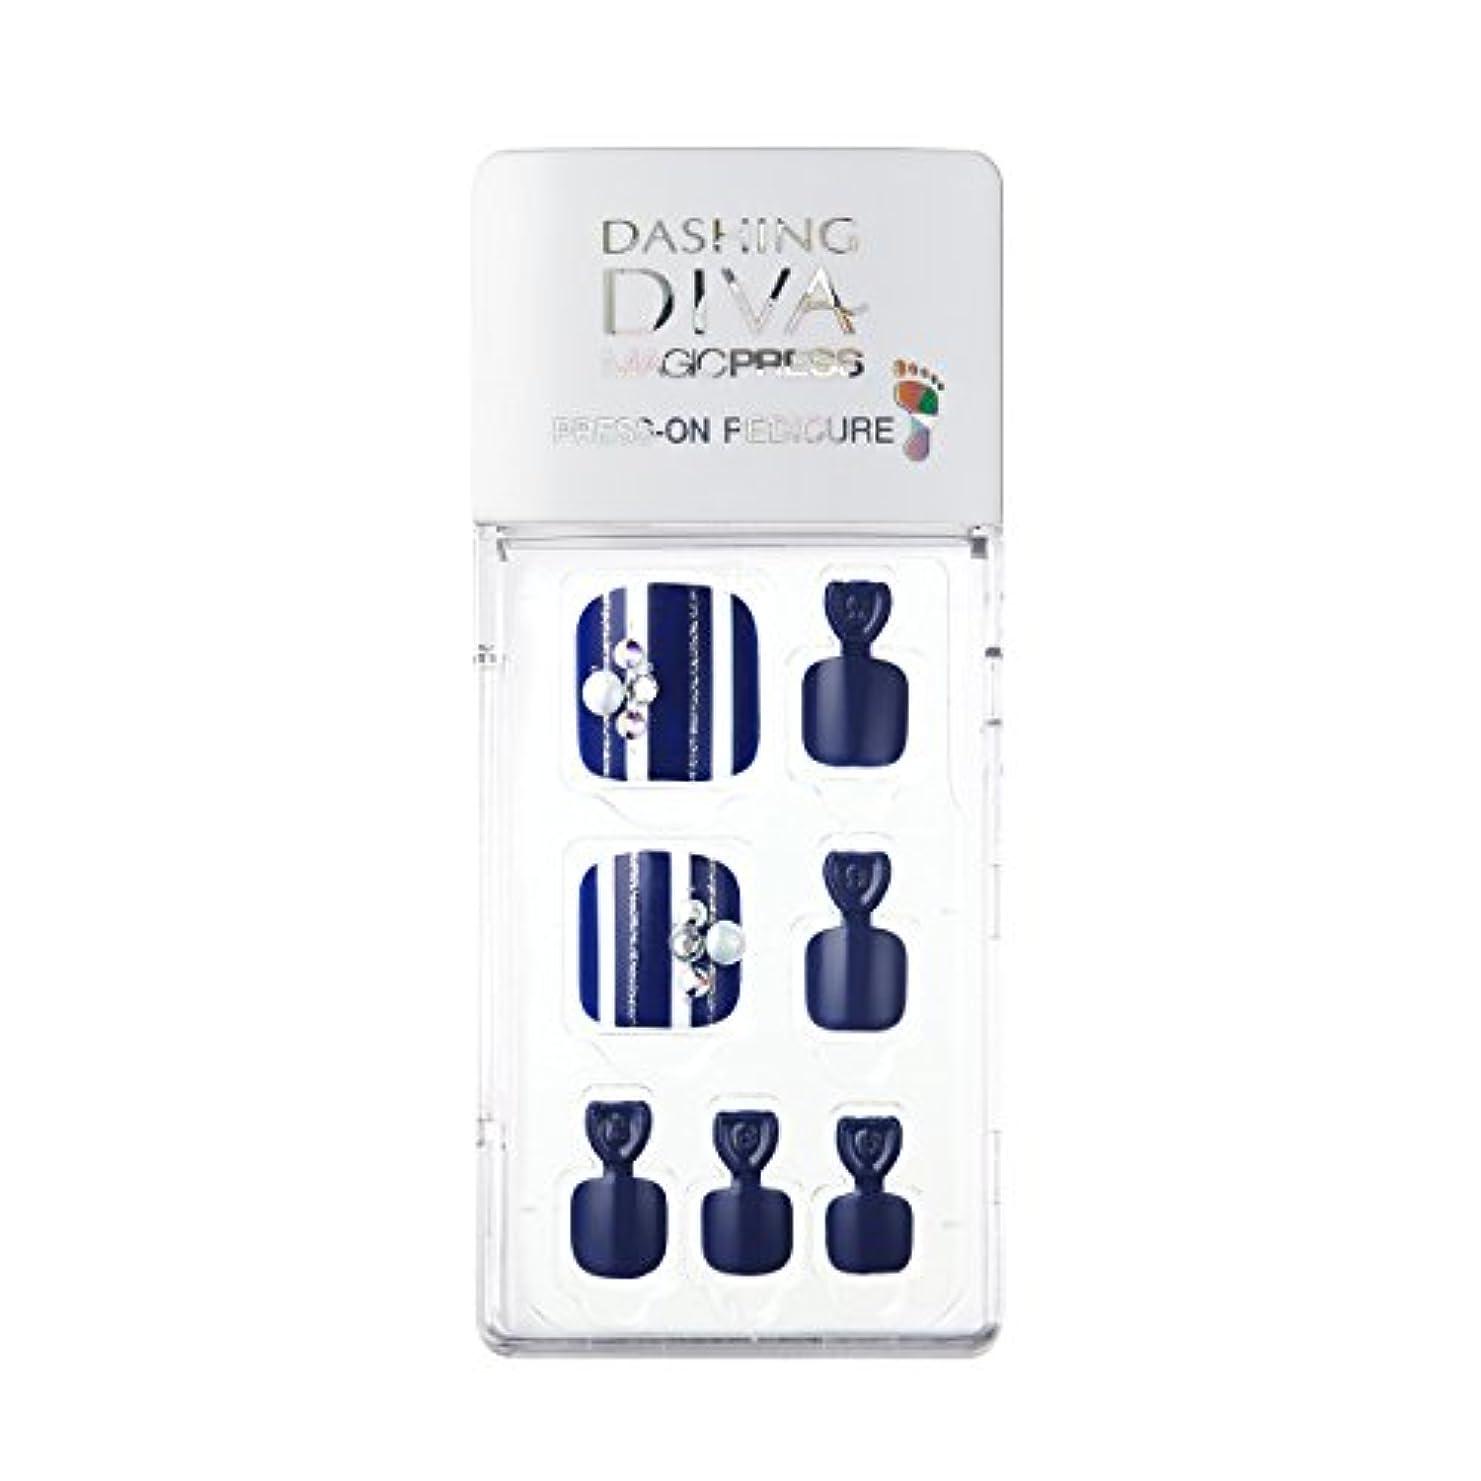 大使館いつも浜辺ダッシングディバ マジックプレス DASHING DIVA MagicPress MDR194P-DURY+ オリジナルジェル ネイルチップ